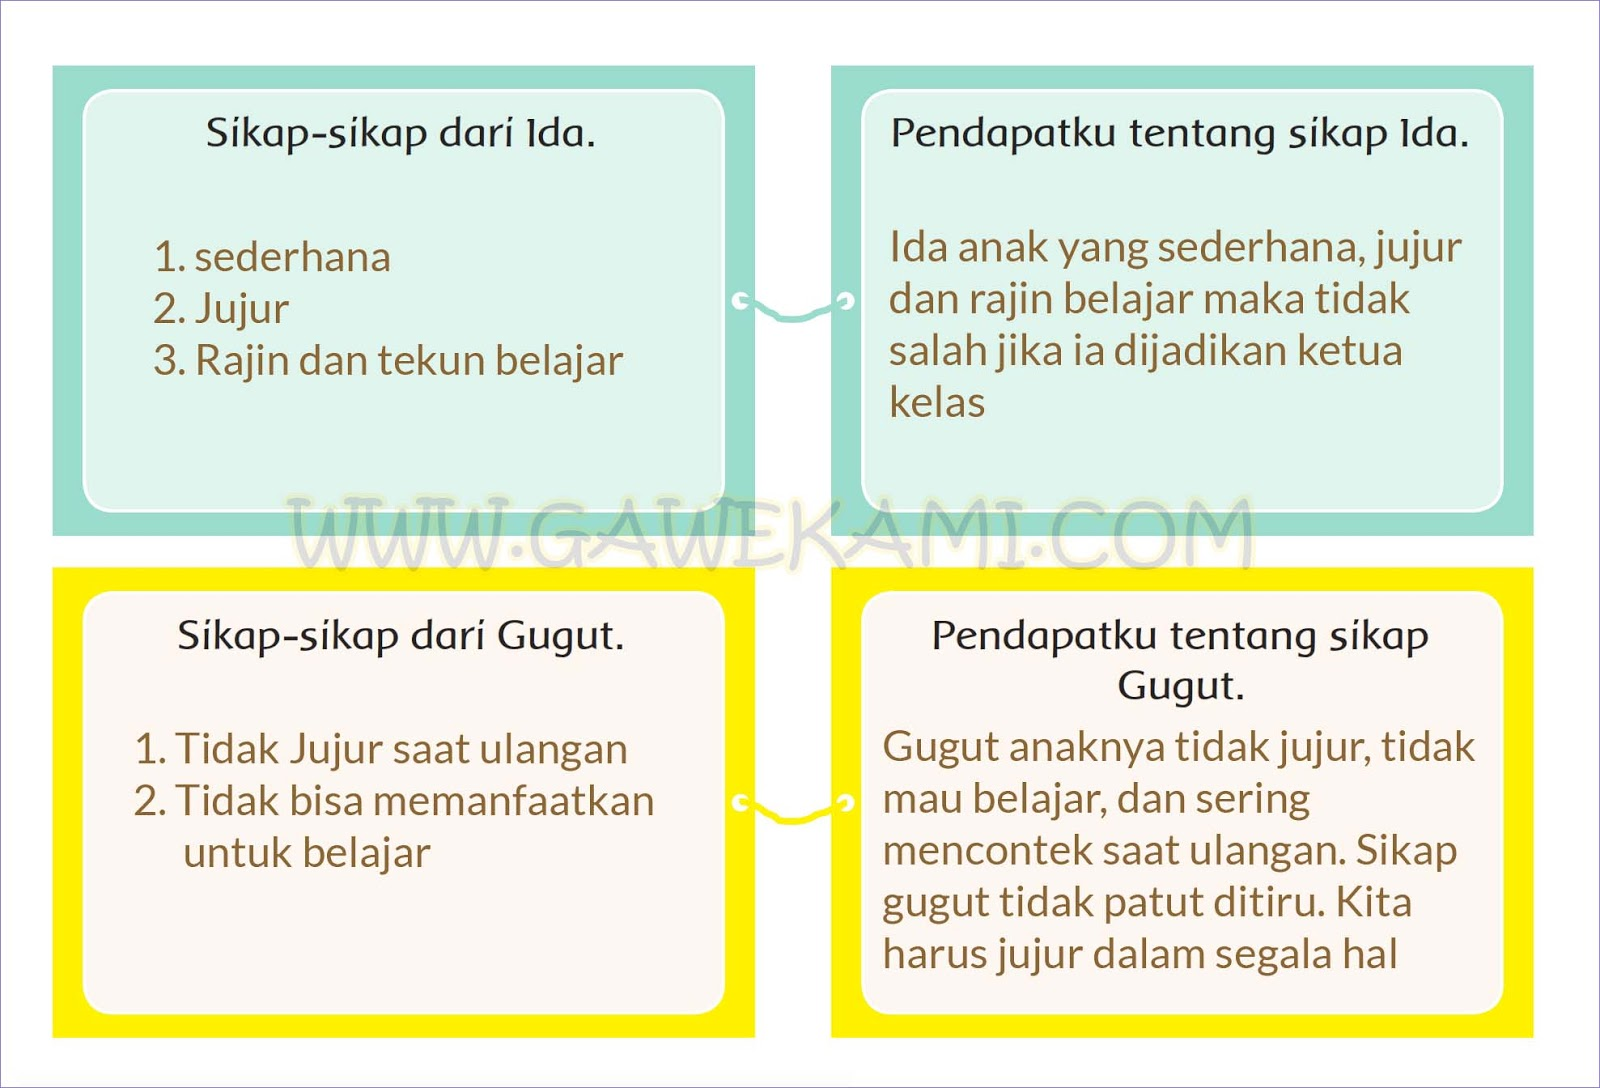 Kunci Jawaban Buku Siswa Tema 4 Kelas 4 Halaman 29, 30, 31 ...